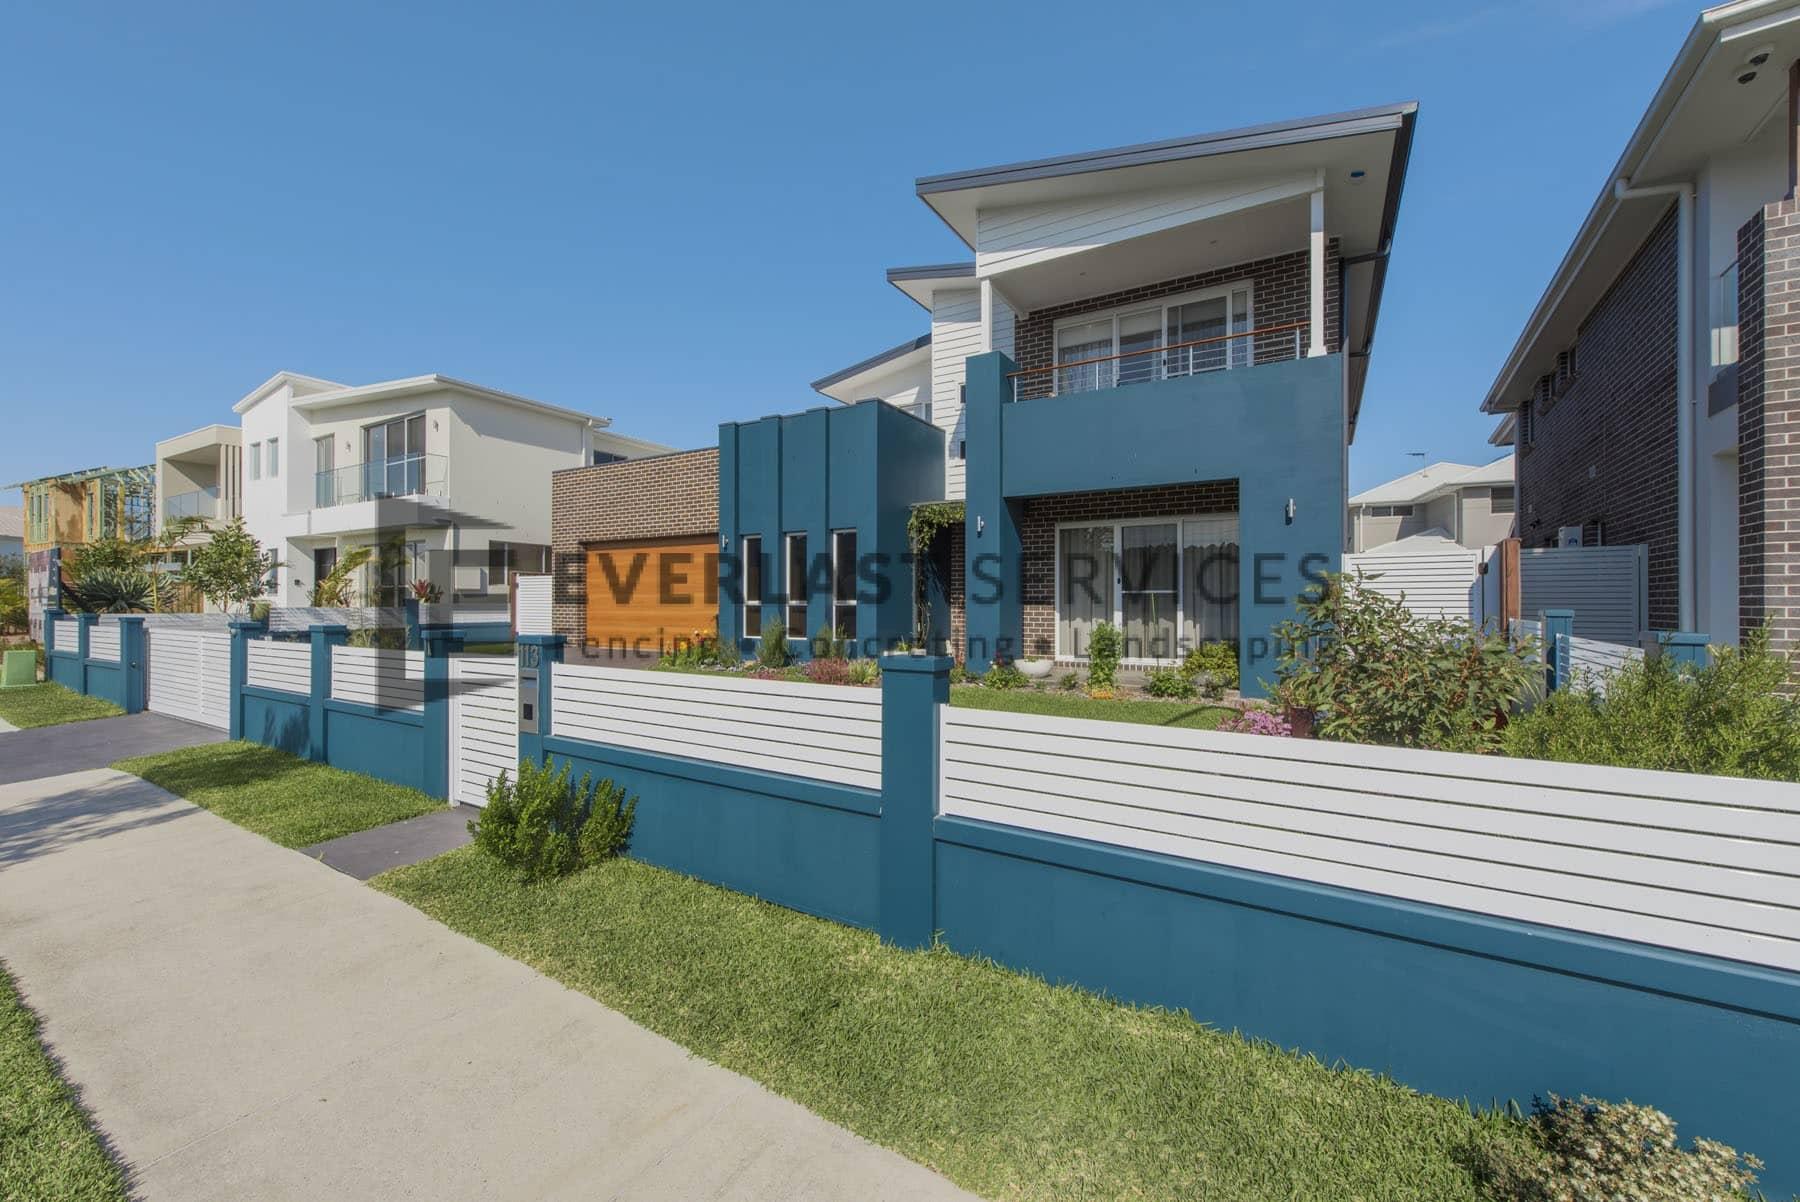 MW 38 - Turquoise Front Yard Fence Slats